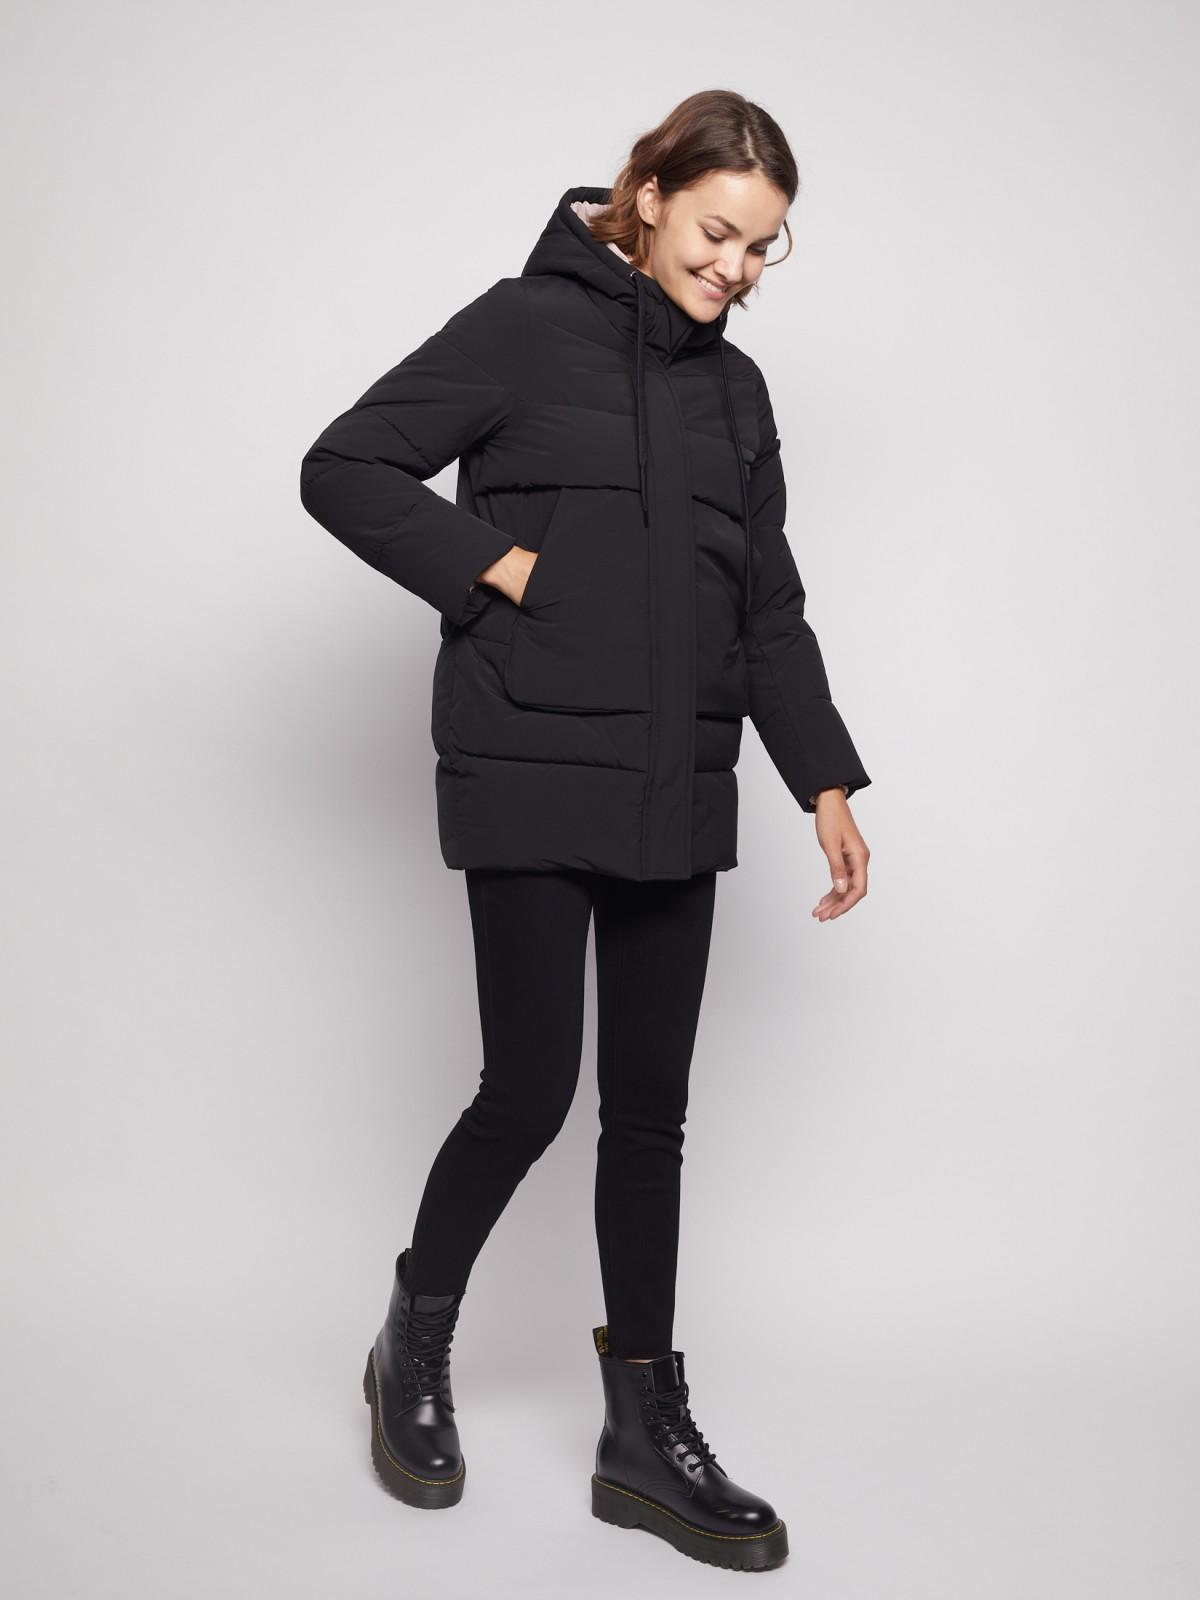 Куртка женская Zolla 021345202034 черная L